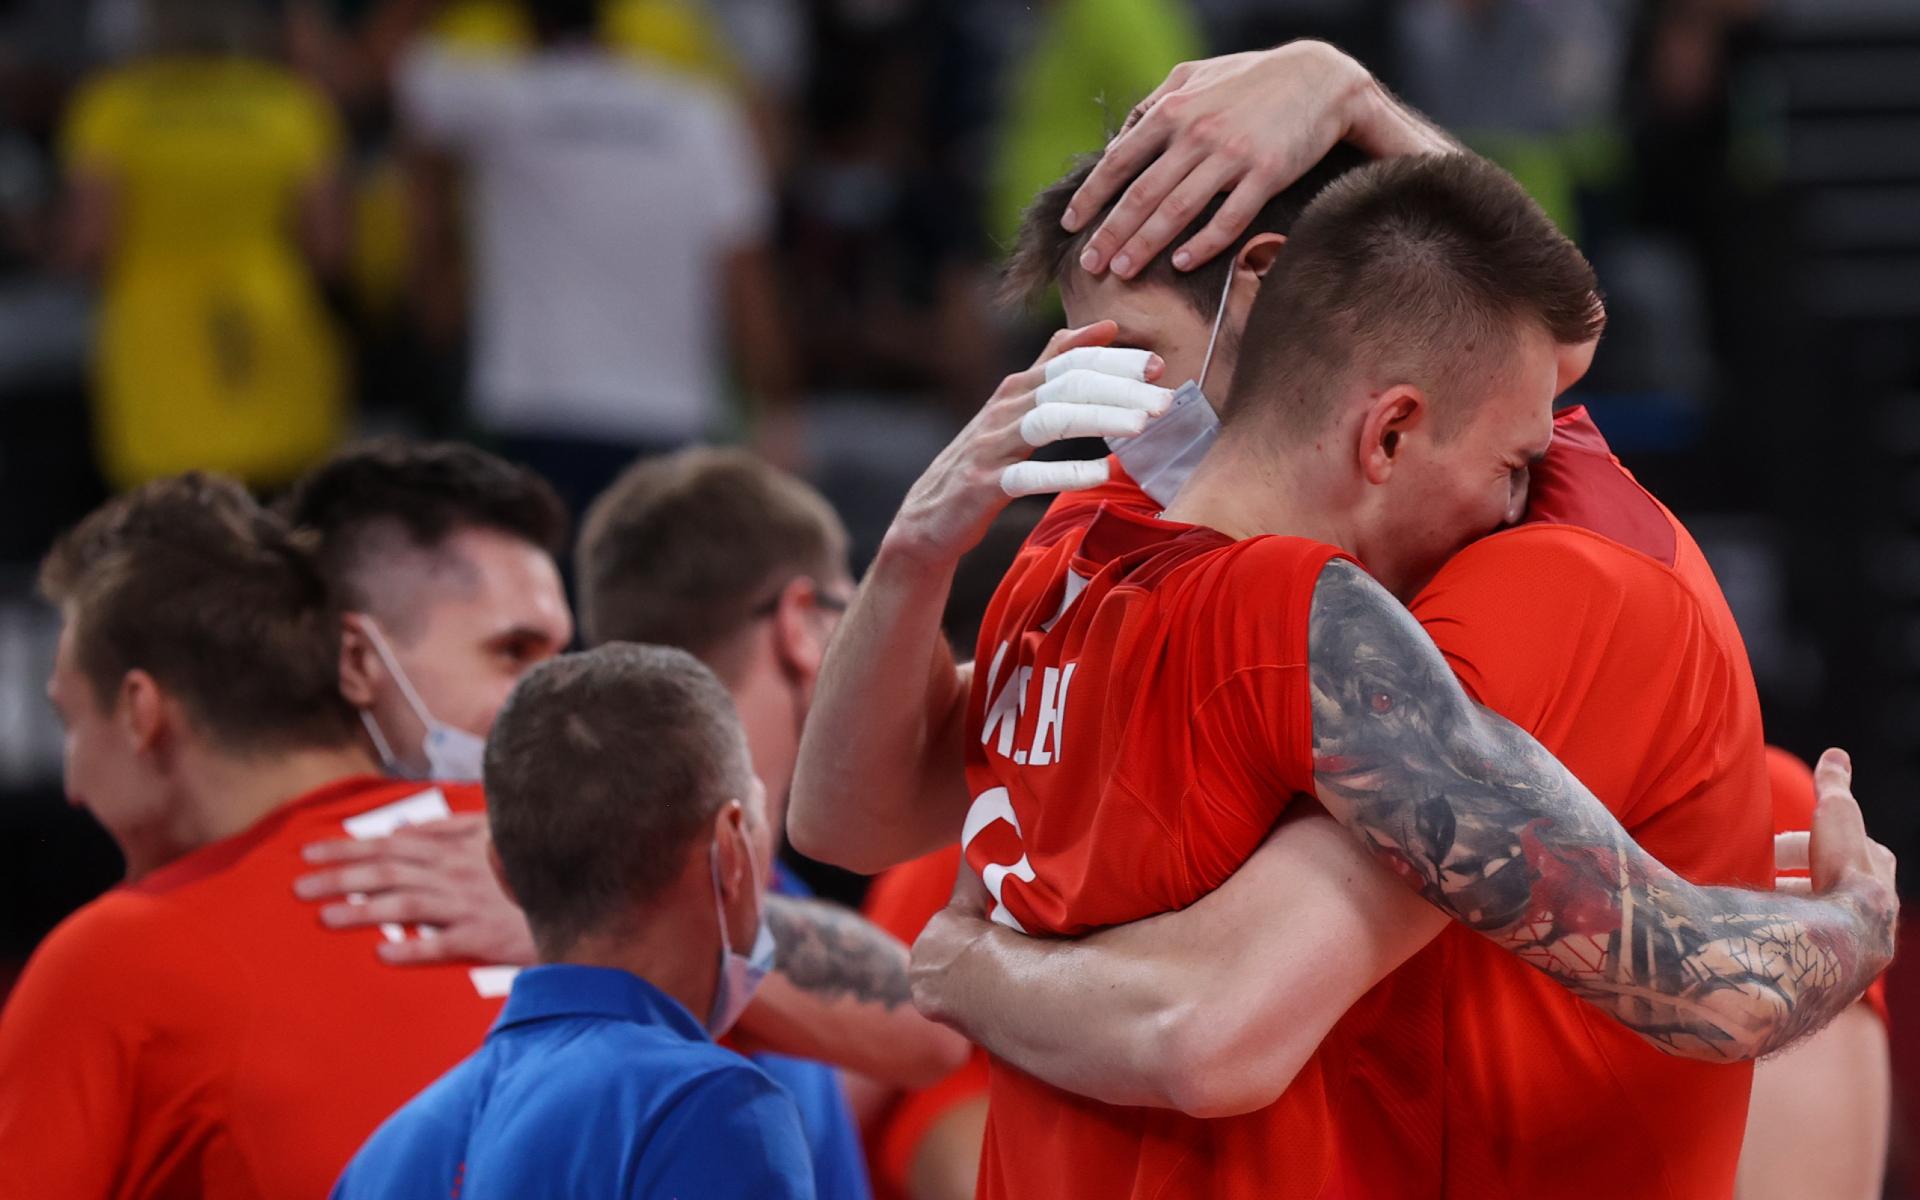 Фото: Сборная России по волейболу (Станислав Красильников/ТАСС)